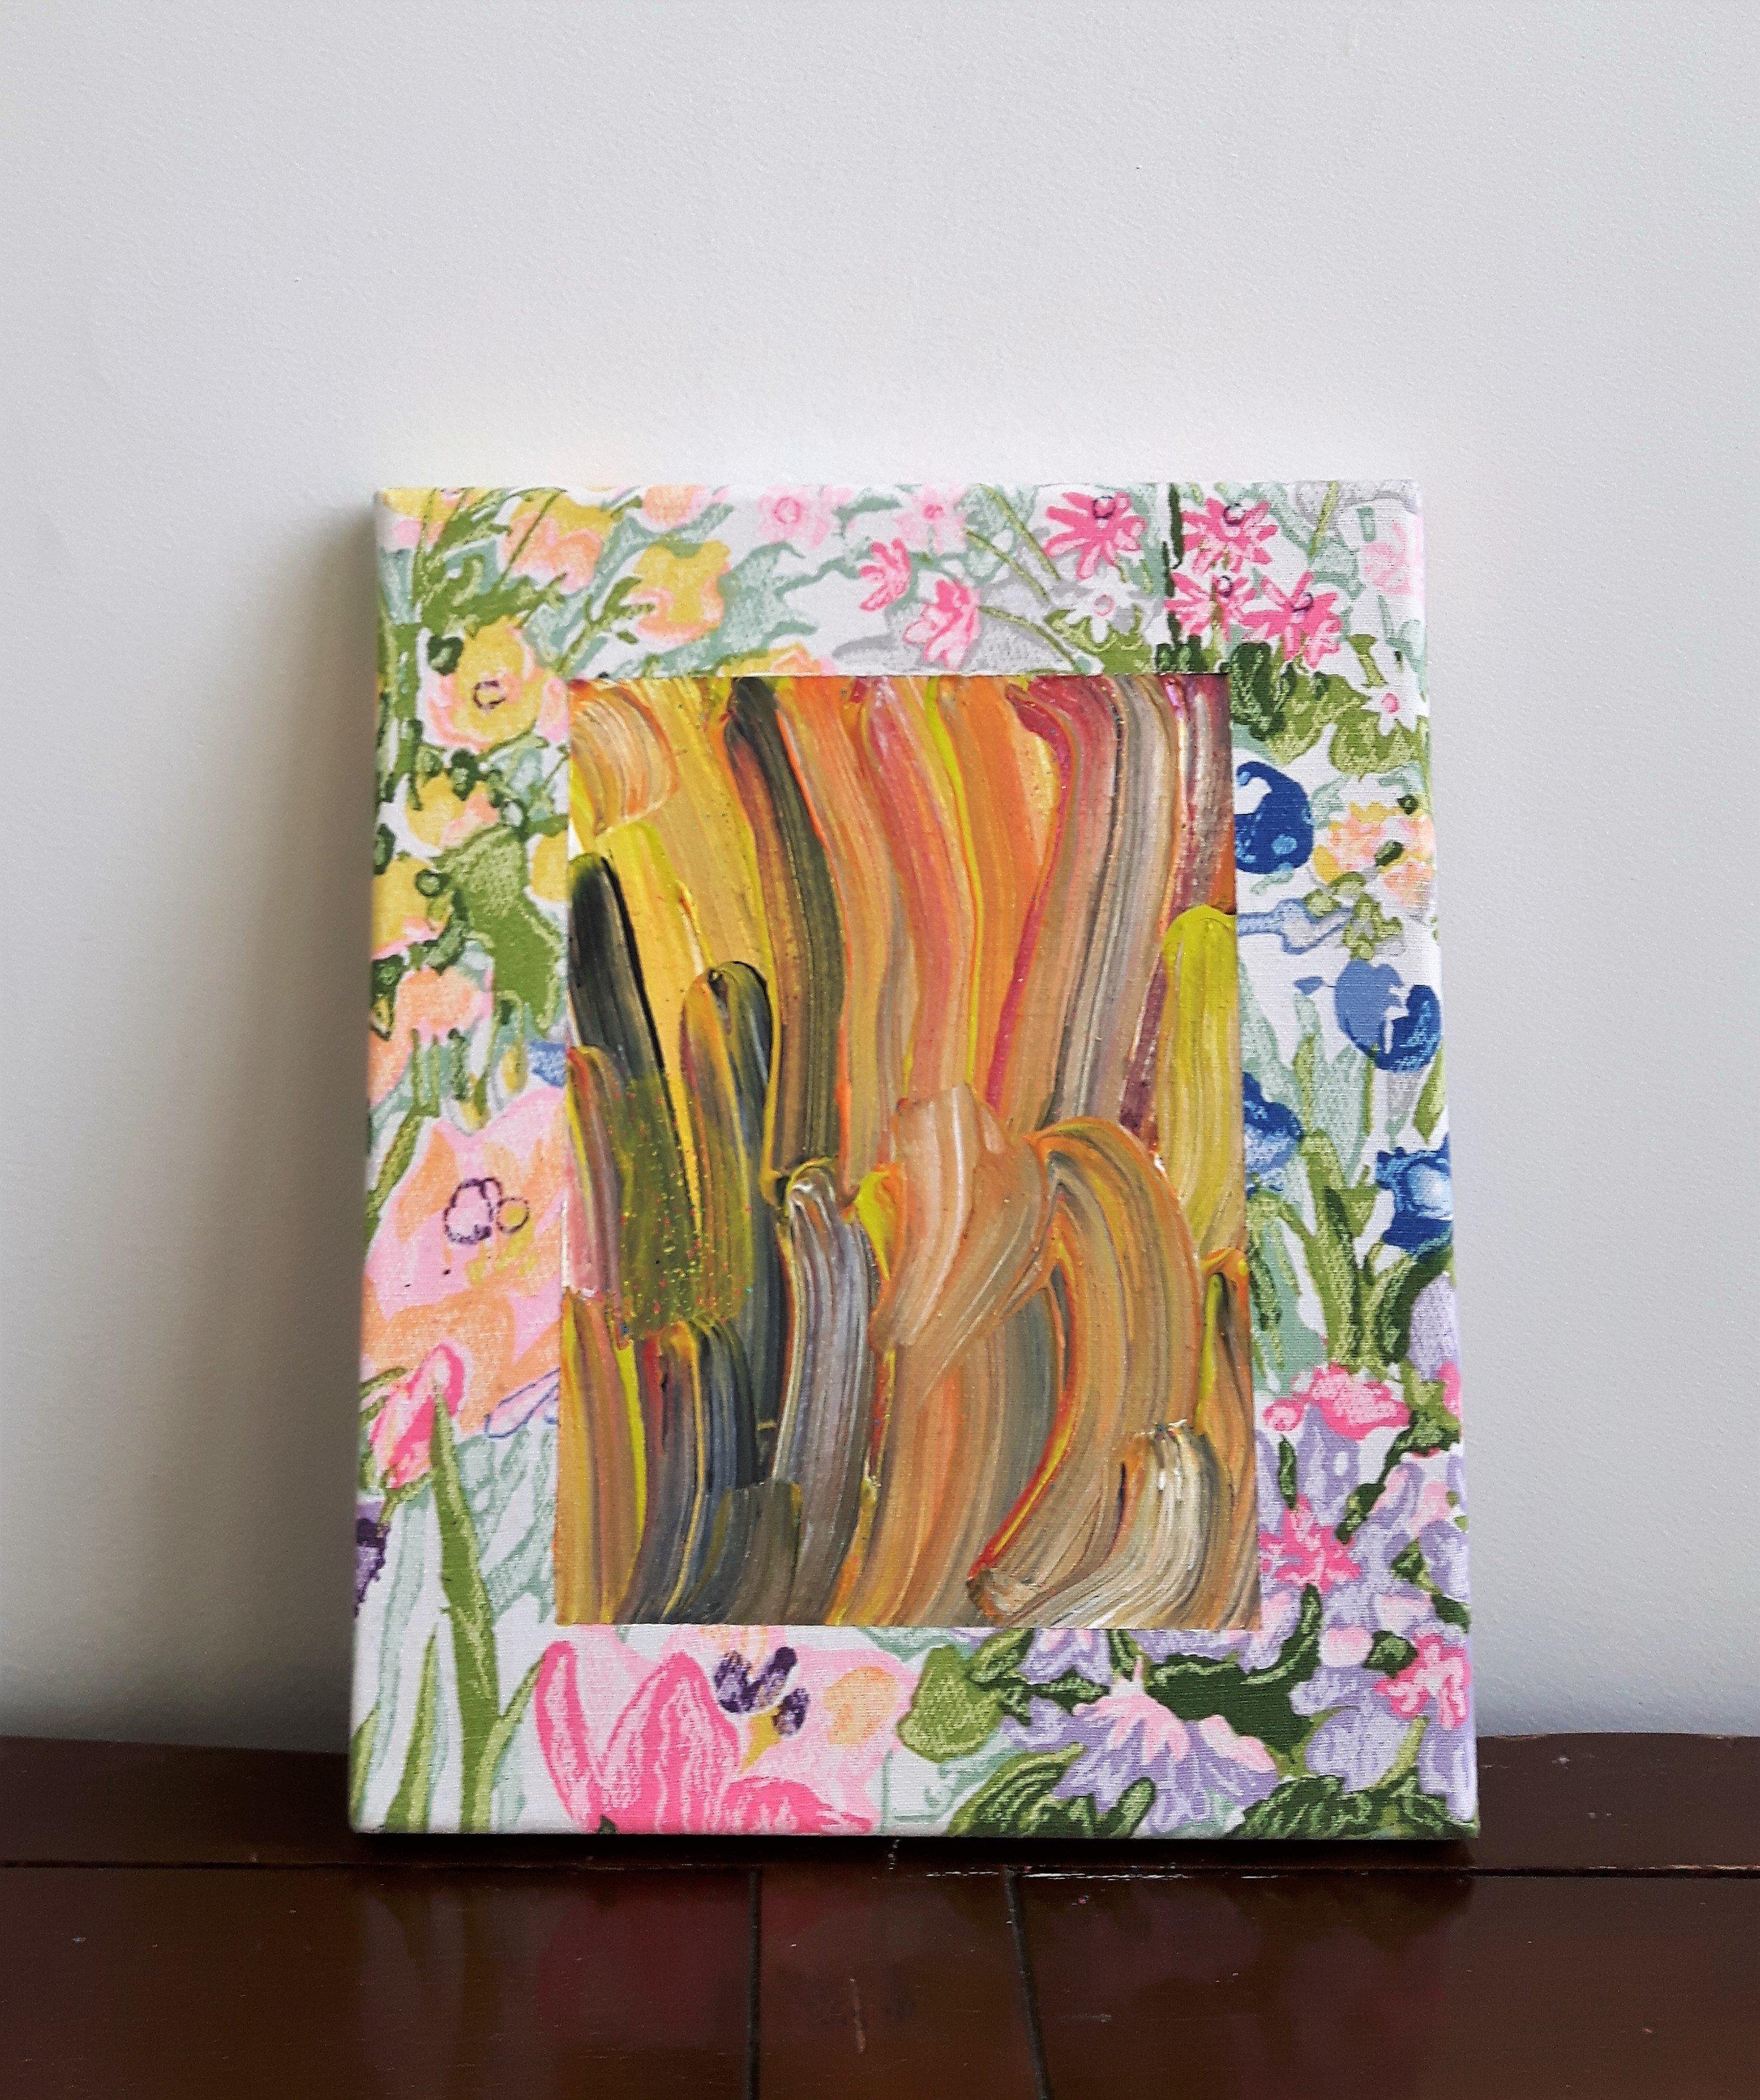 Frances Sousa artwork